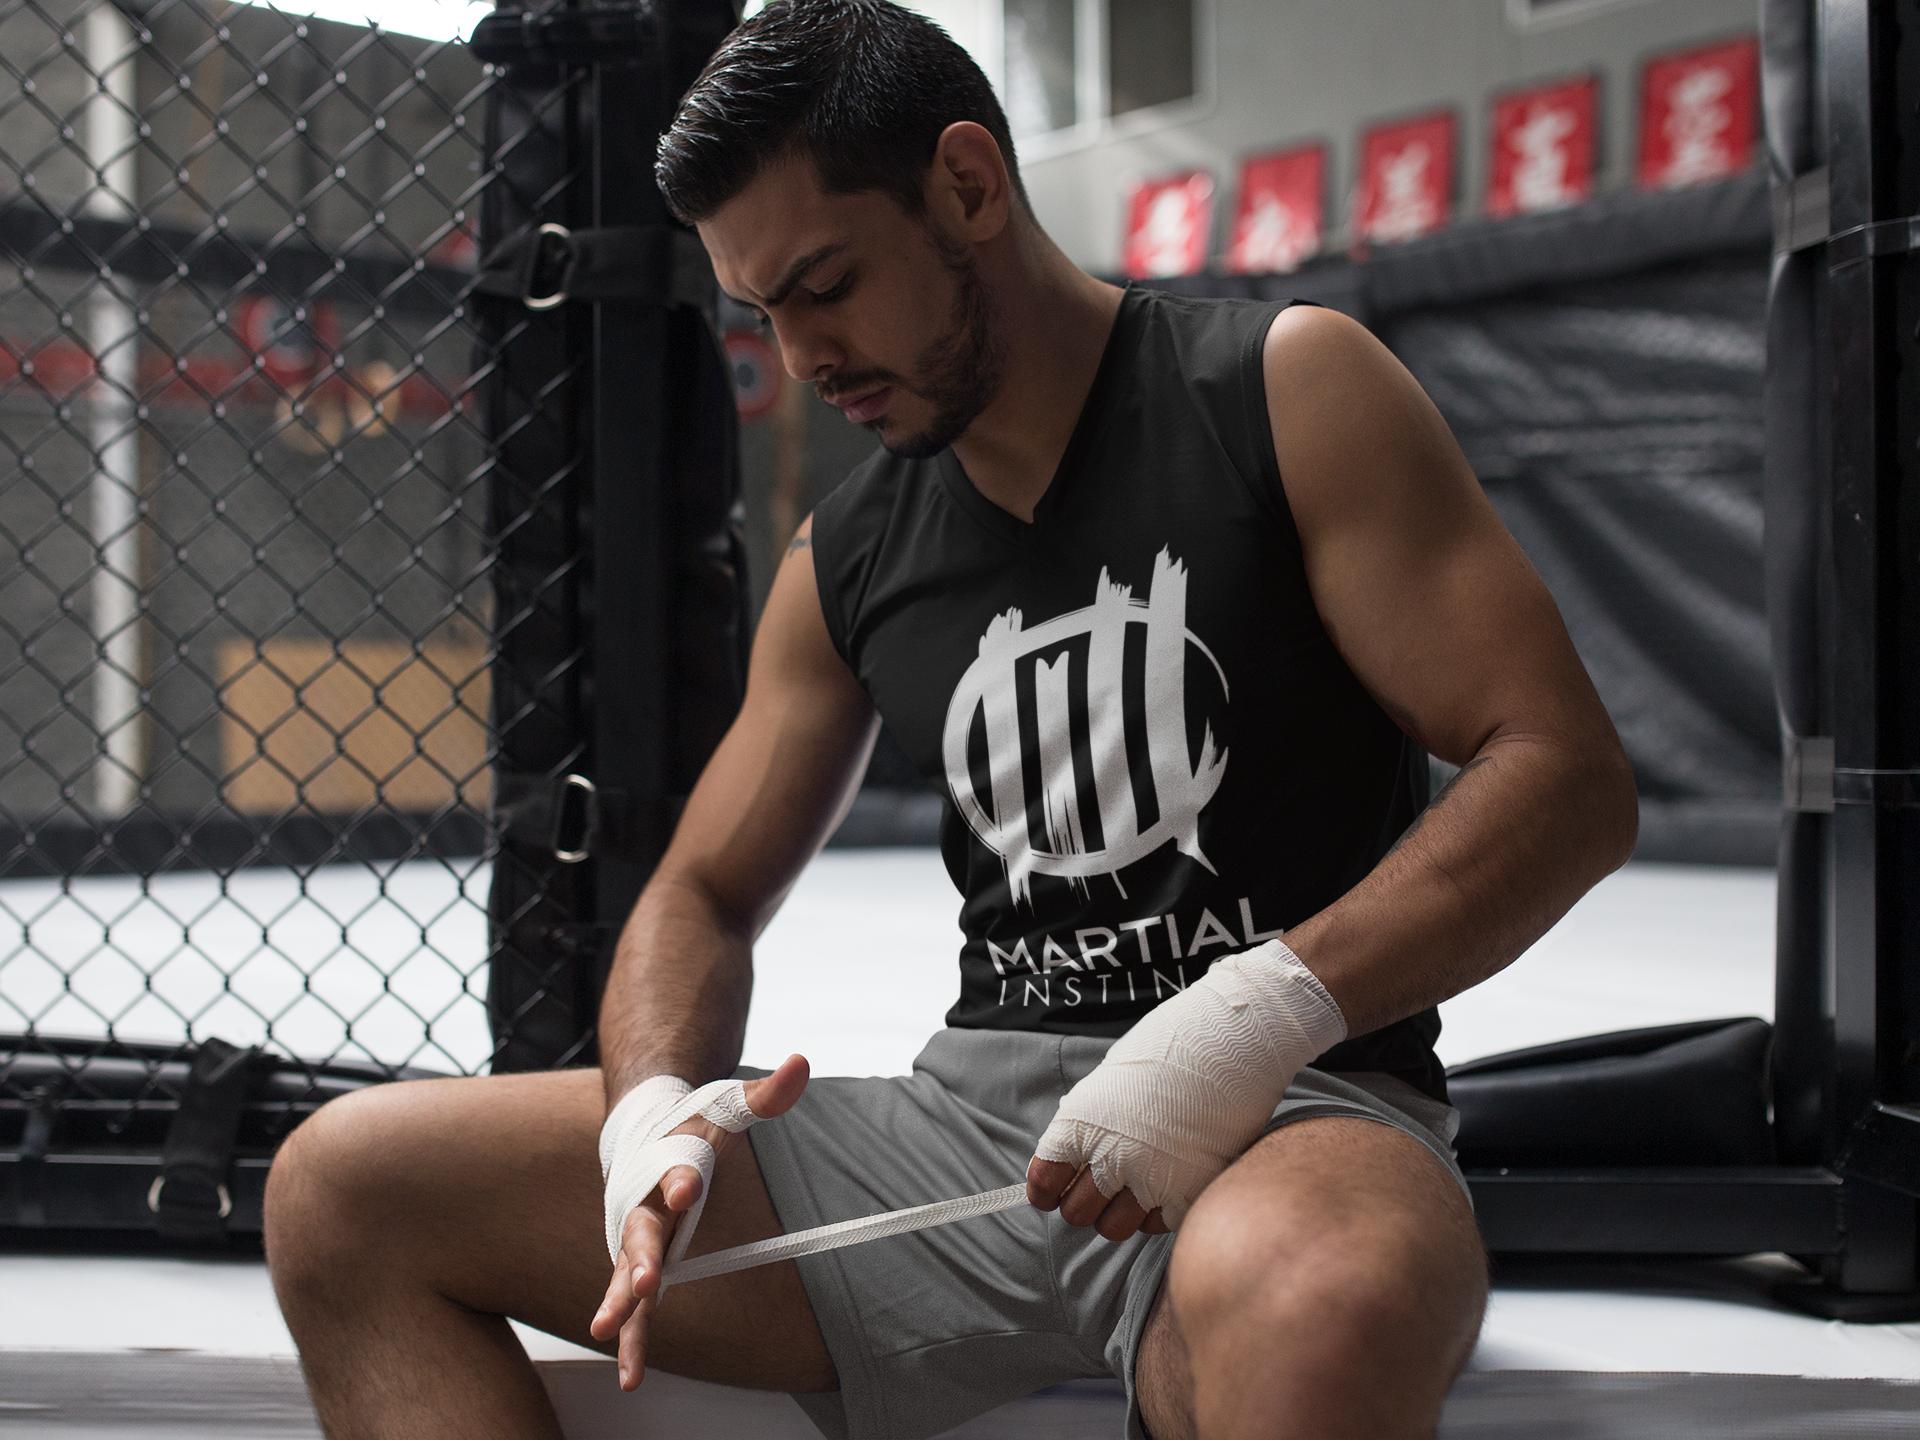 Martial Instinct Selbstverteidigung und MMA Köln